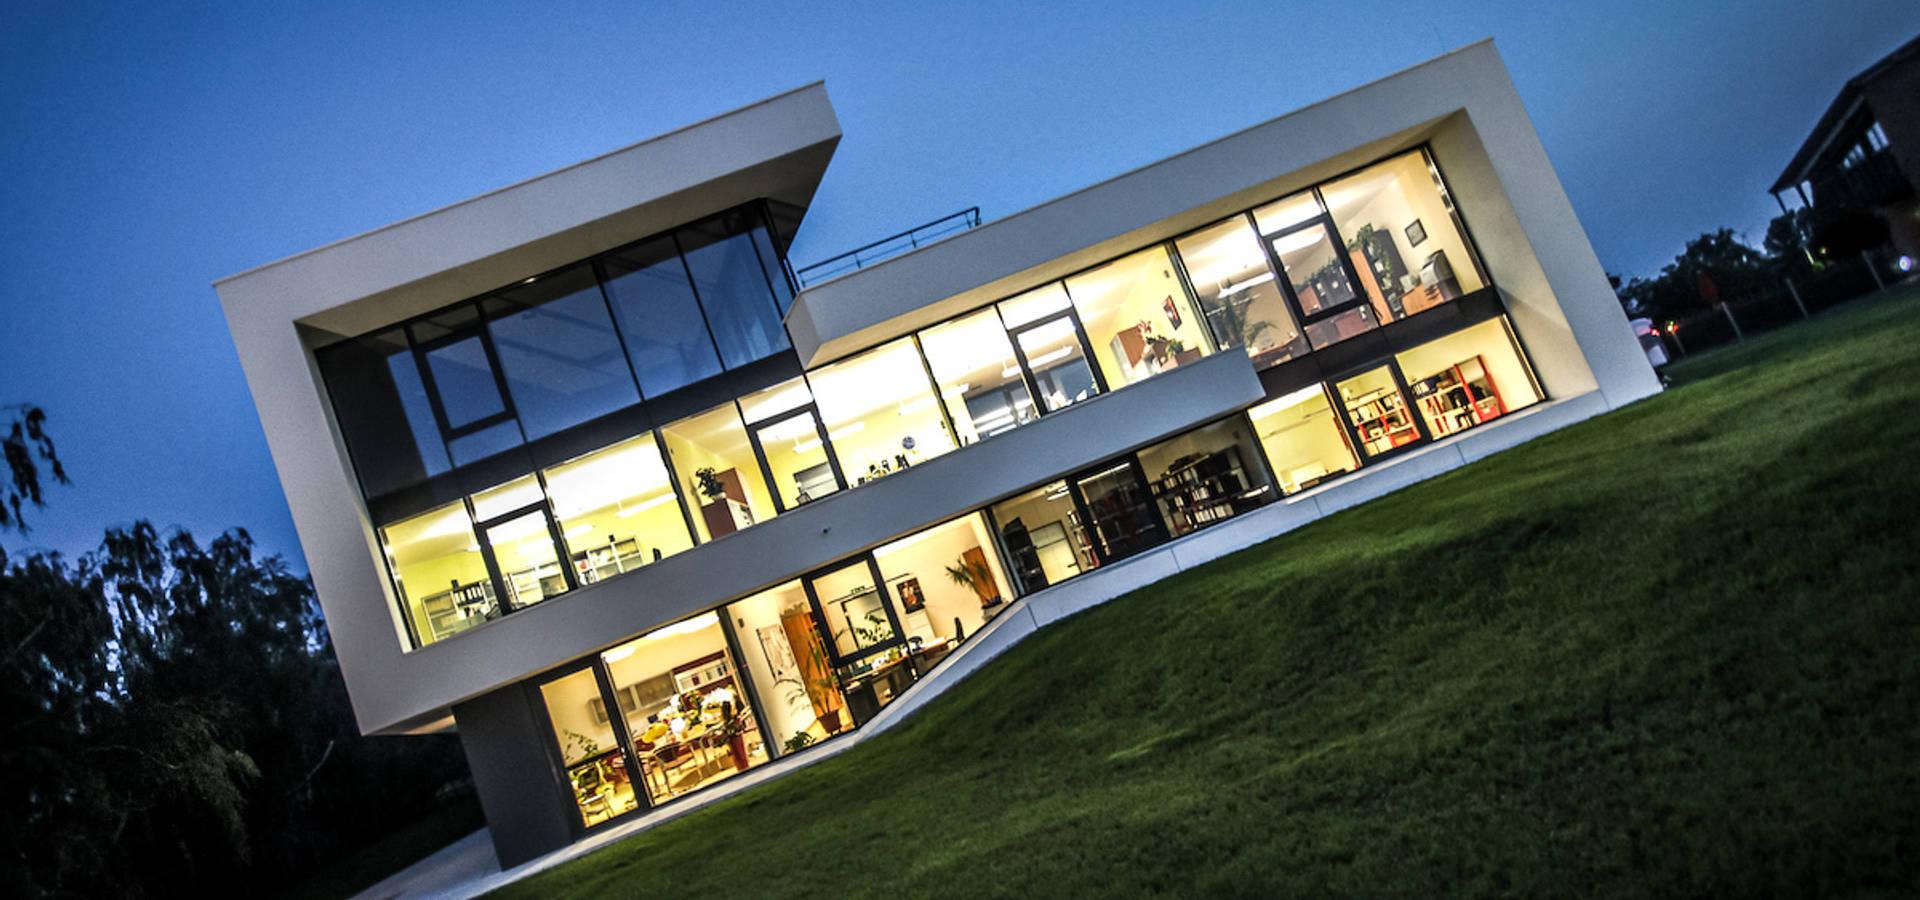 Firmengebäude in moderner Architektur von FLOW.Architektur | homify